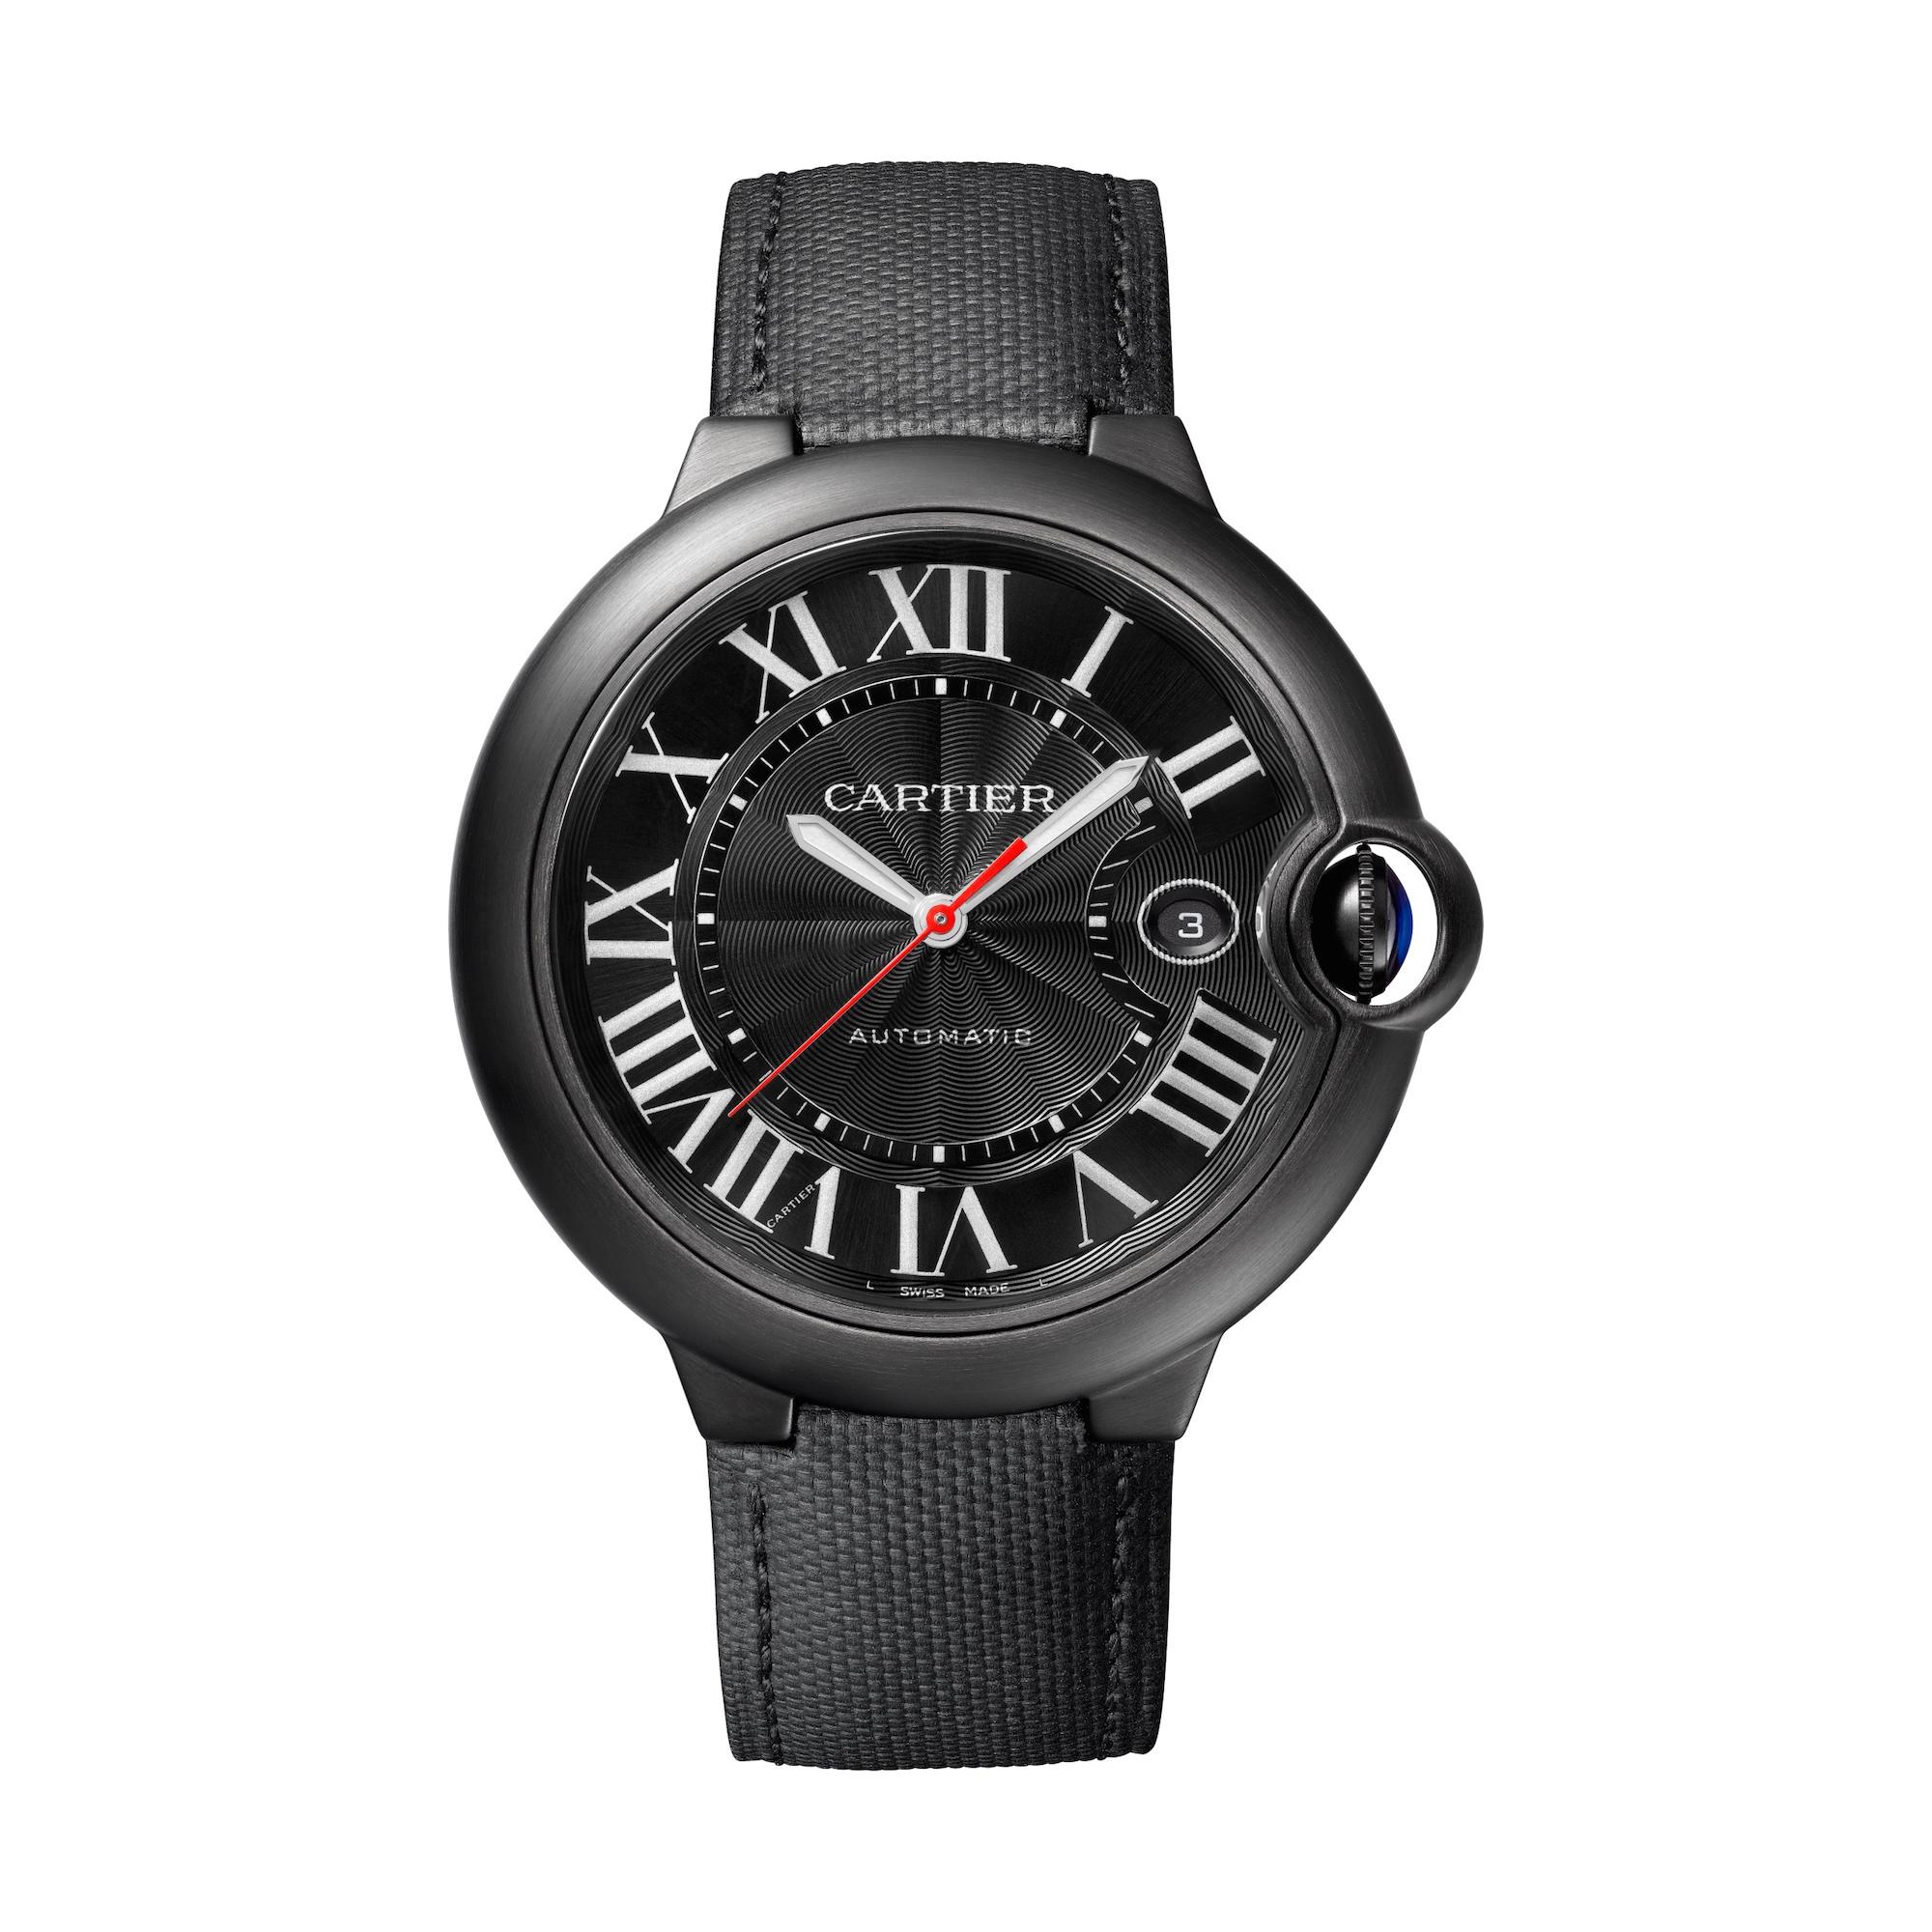 Vorgestellt auf dem Genfer Uhrensalon 2016: Die Ballon Bleu de Cartier Black Icon mit schwarzer ADLC Beschichtung. Preis: ca. 6350 Euro.